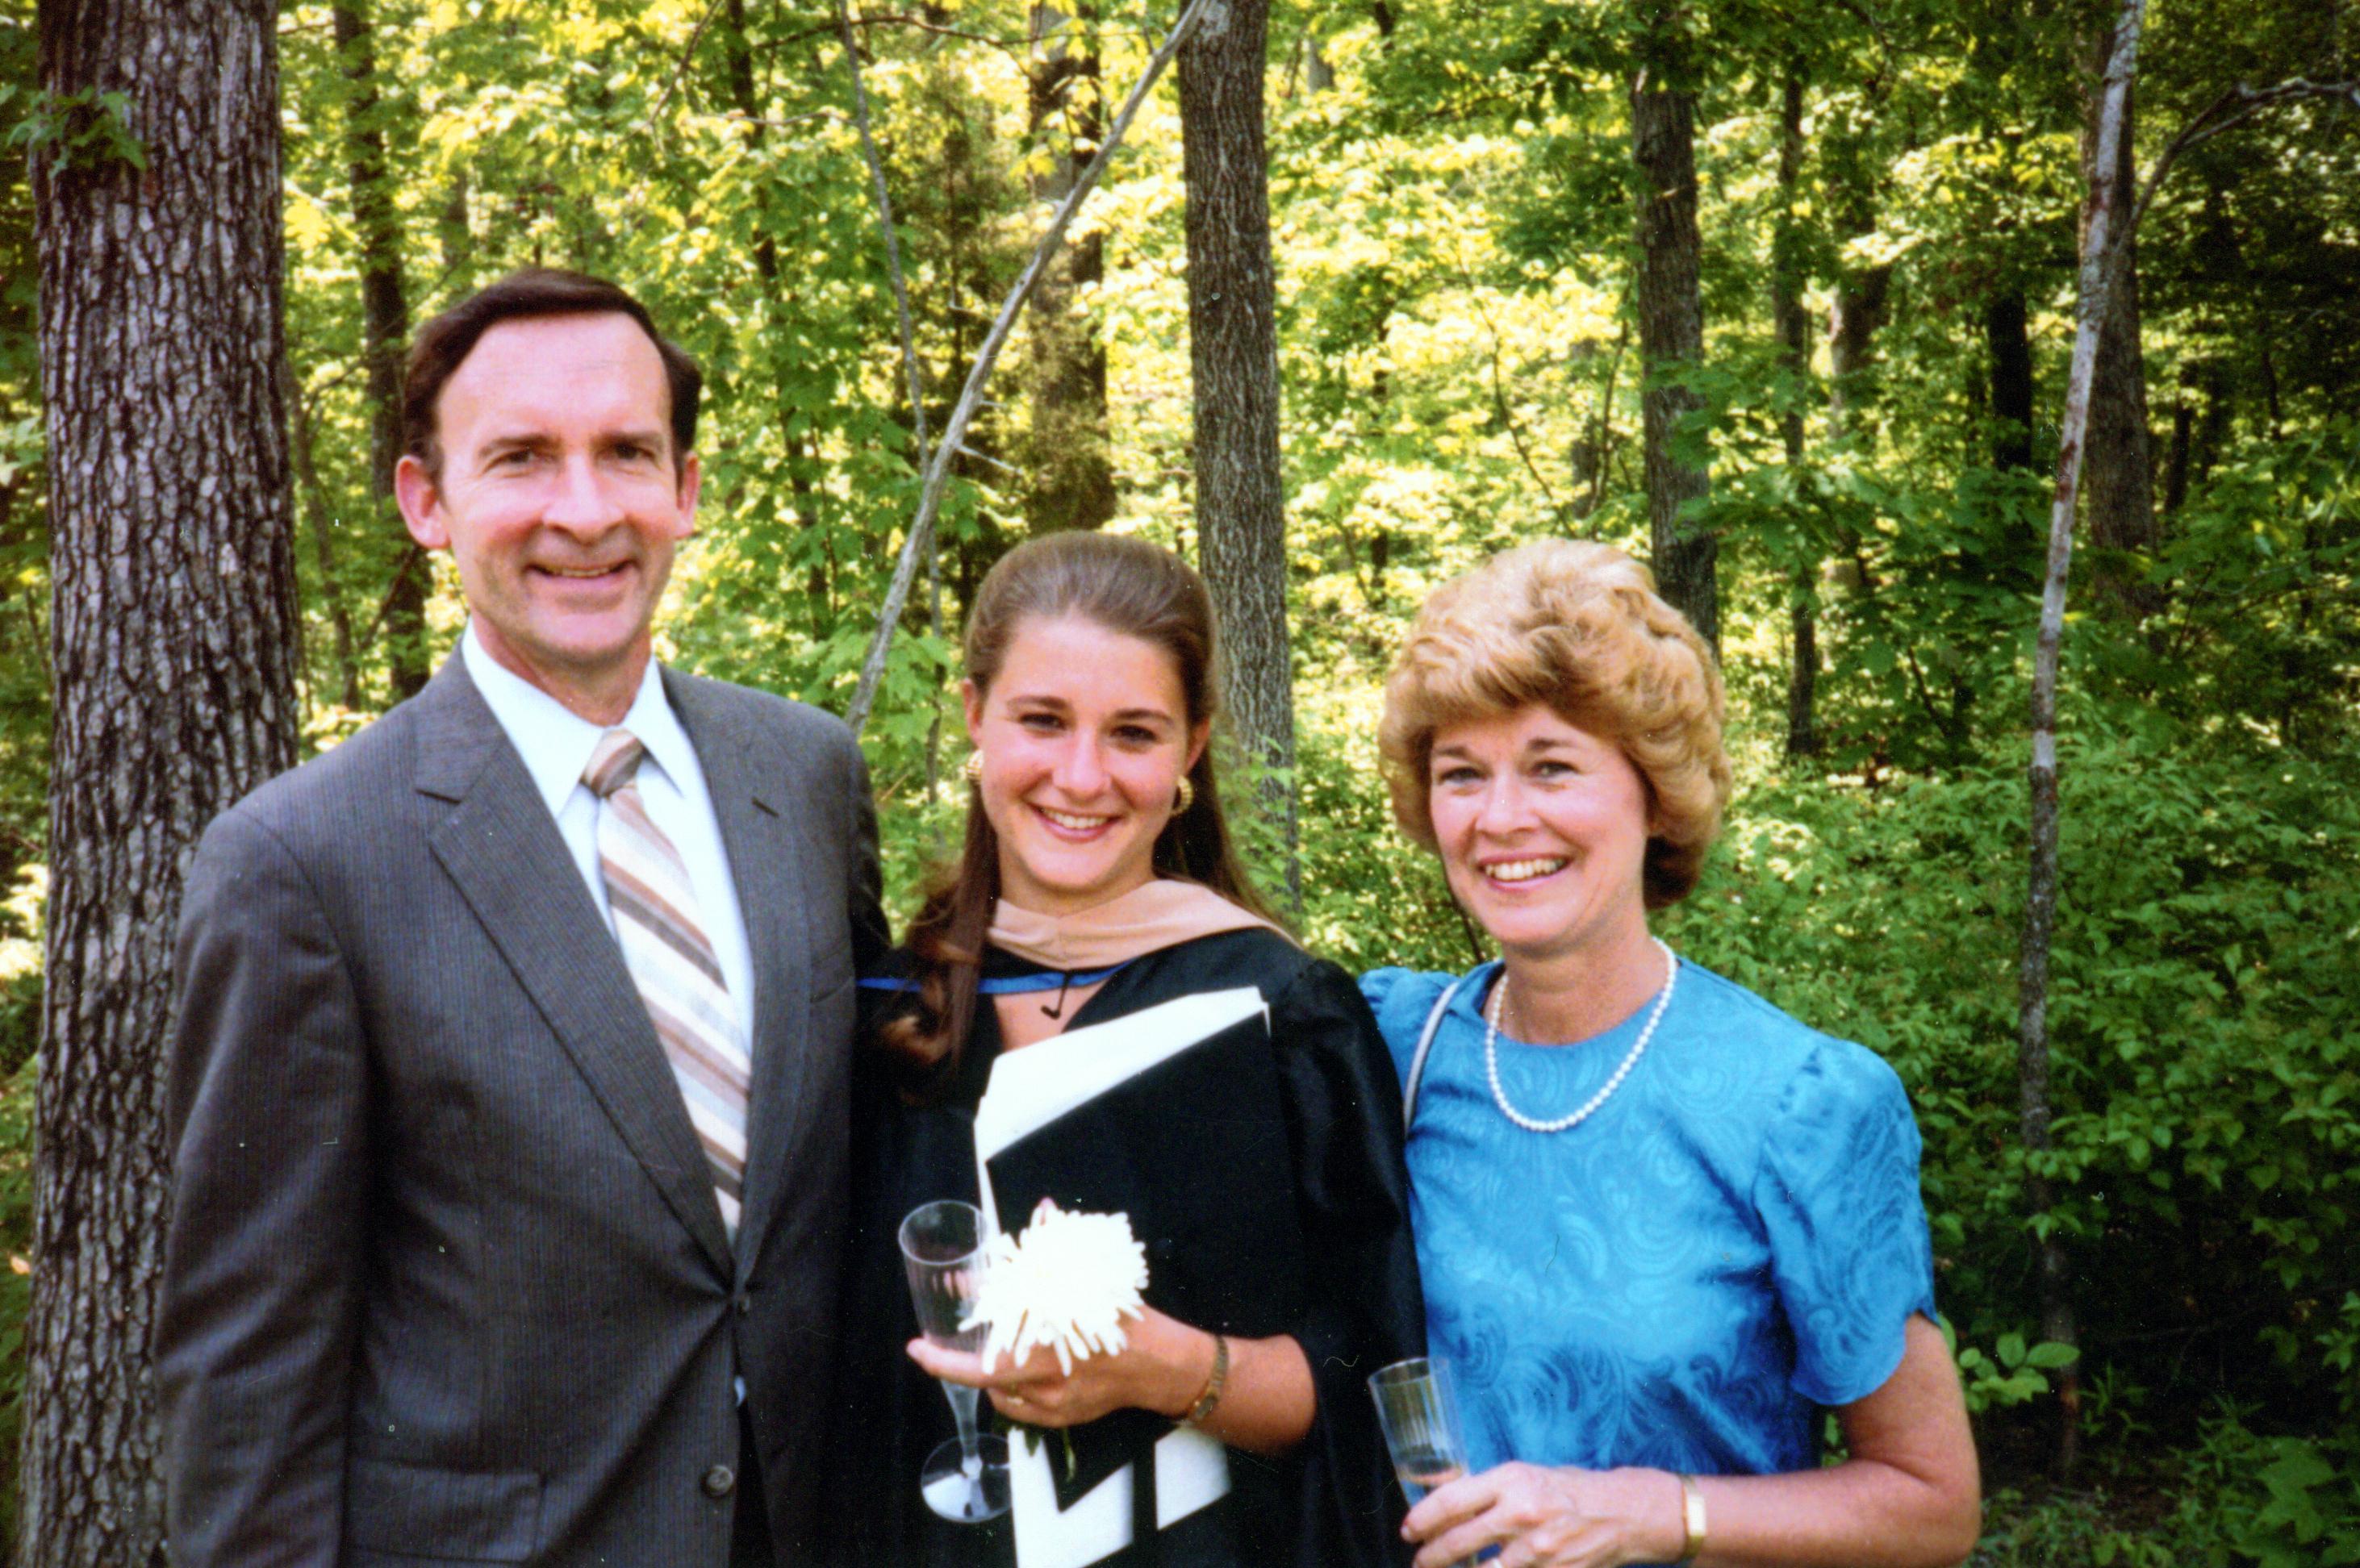 Melinda Gates on Duke University graduation day